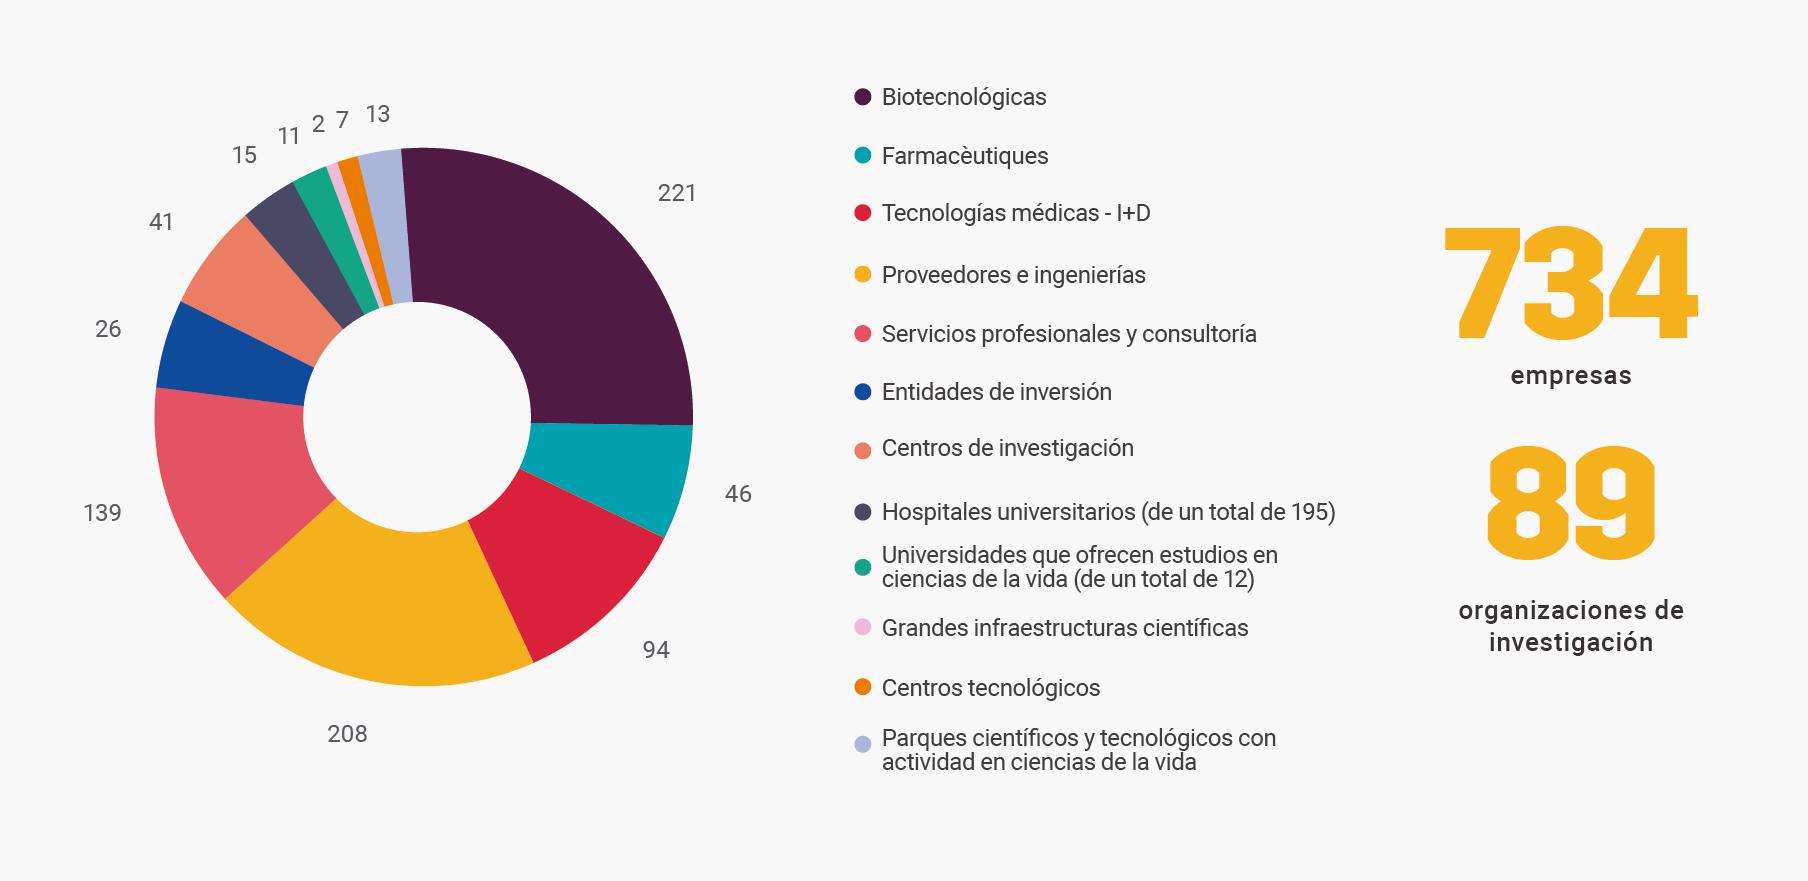 El ecosistema de la BioRegión de Cataluña (Fuente: Informe Biocat 2015)